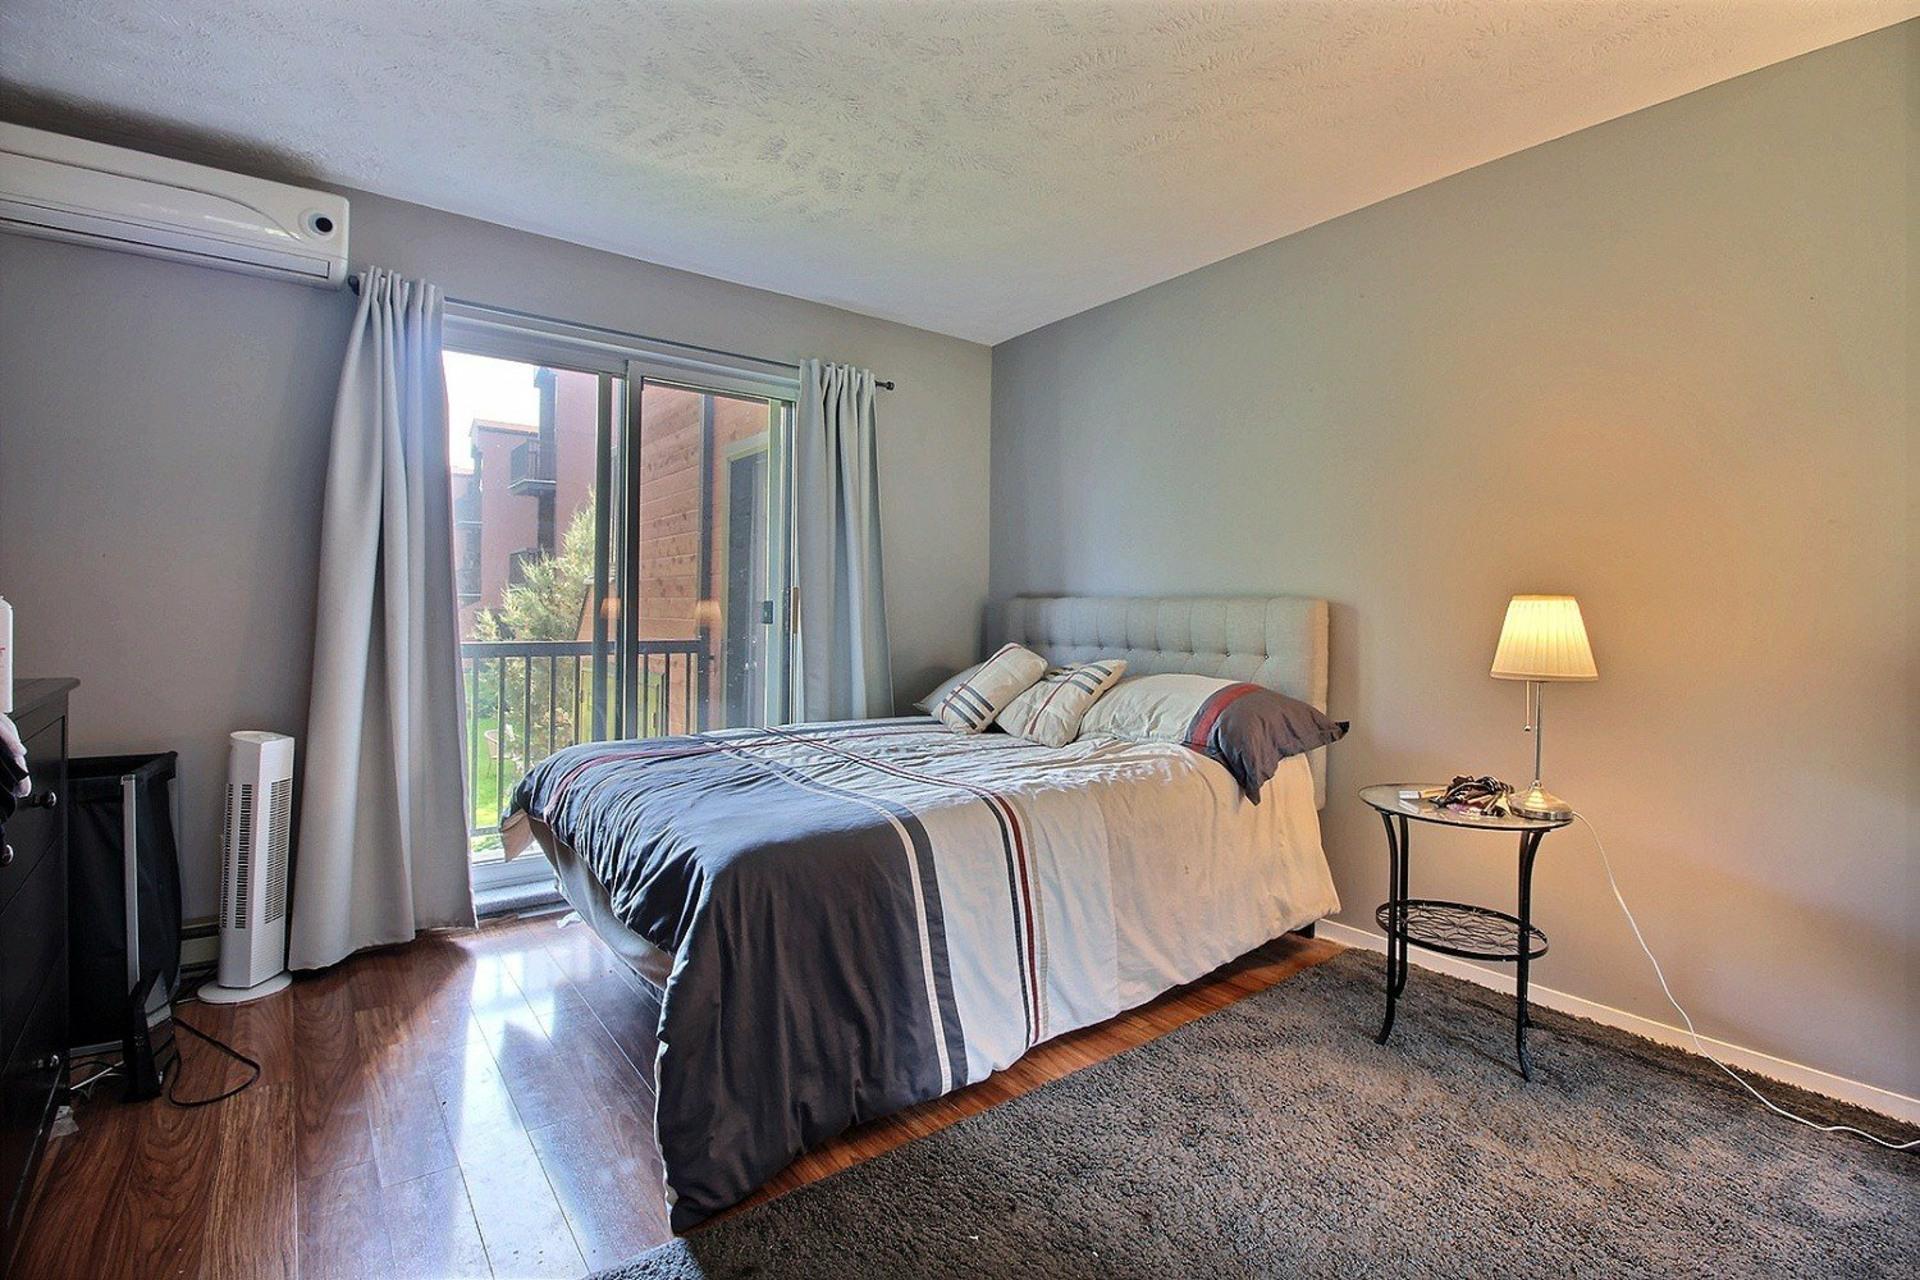 image 12 - Appartement À vendre Boucherville - 5 pièces